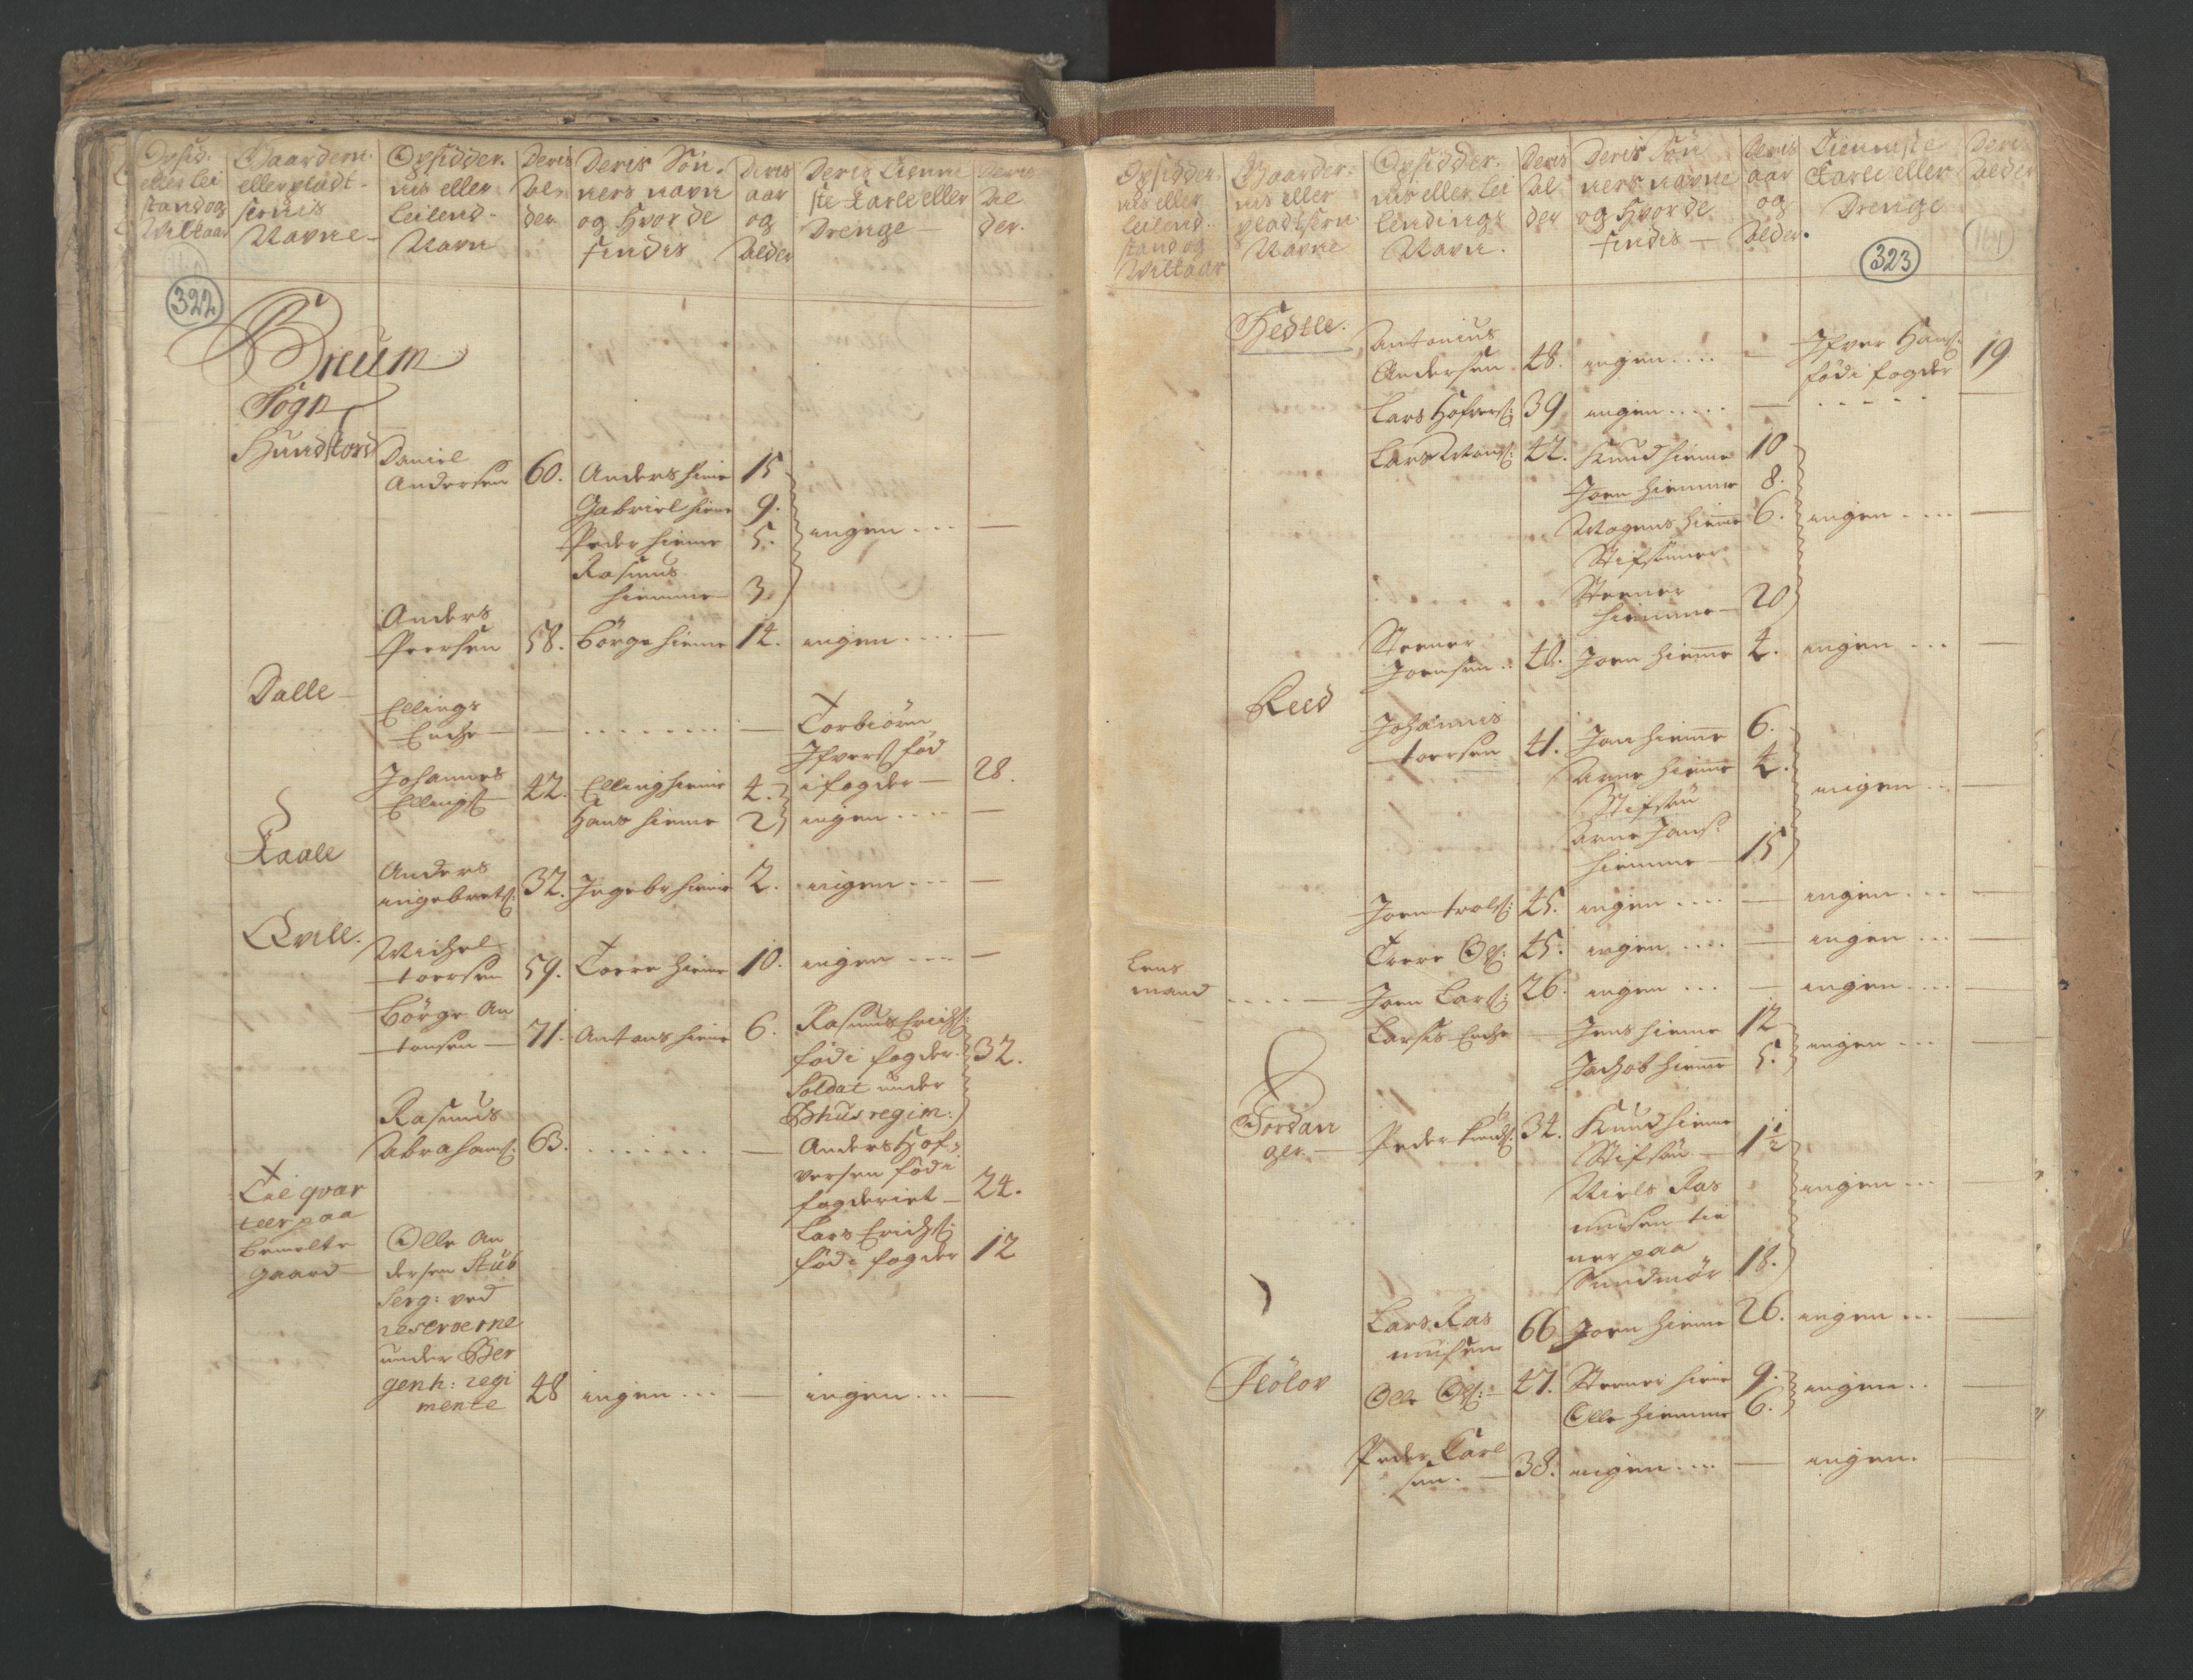 RA, Manntallet 1701, nr. 9: Sunnfjord fogderi, Nordfjord fogderi og Svanø birk, 1701, s. 322-323